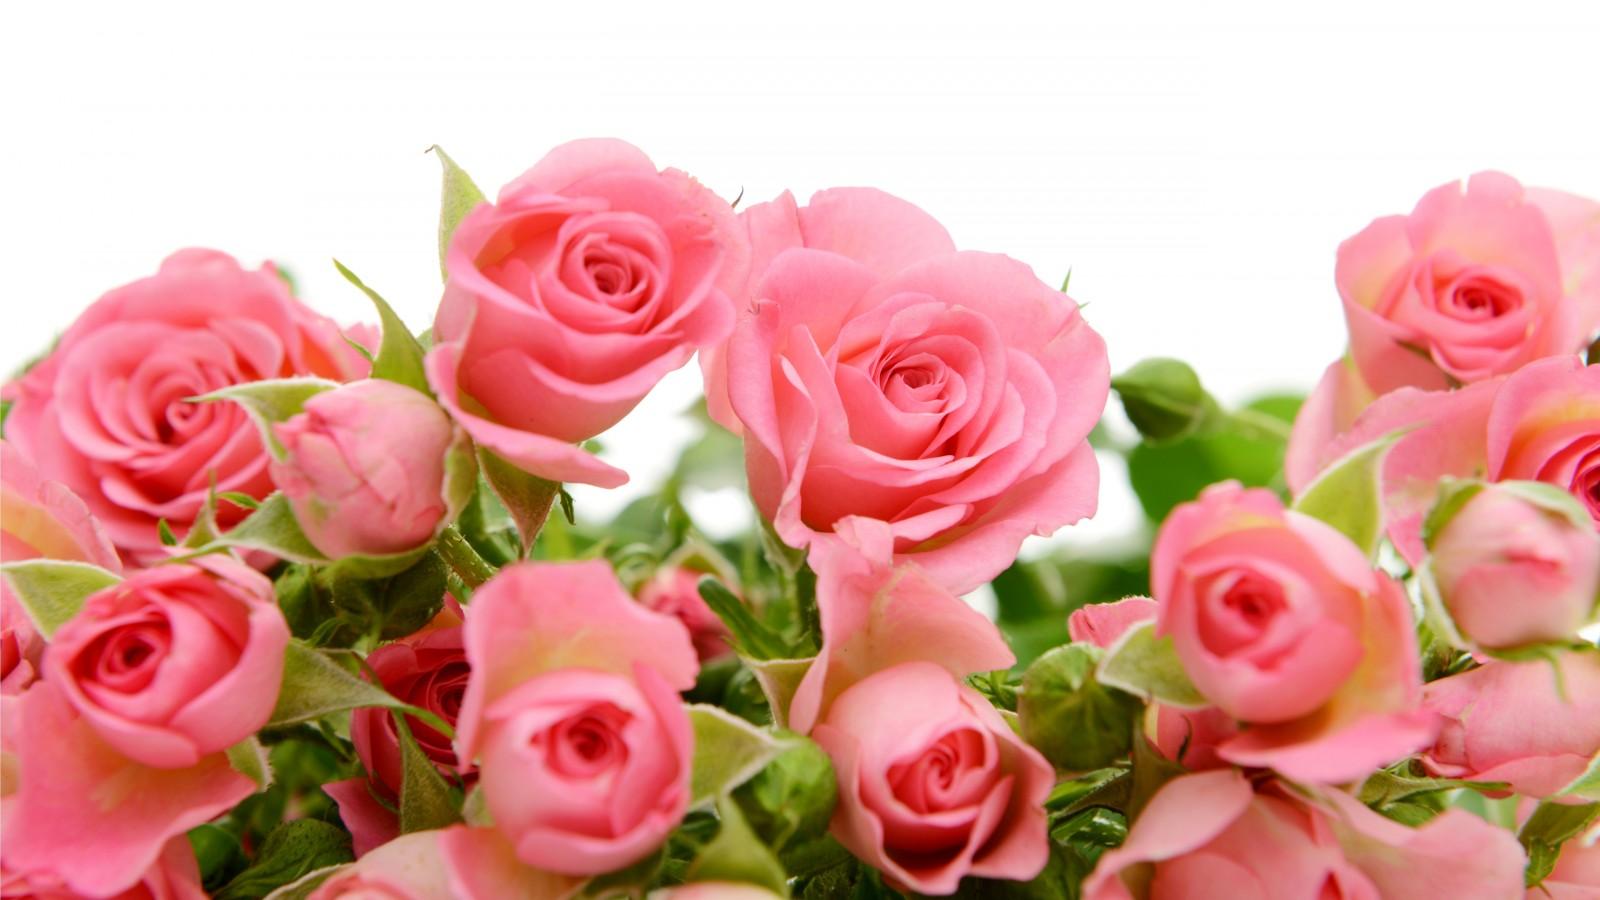 والپیپر های جدید از گل های رز صورتی با کیفیت HD